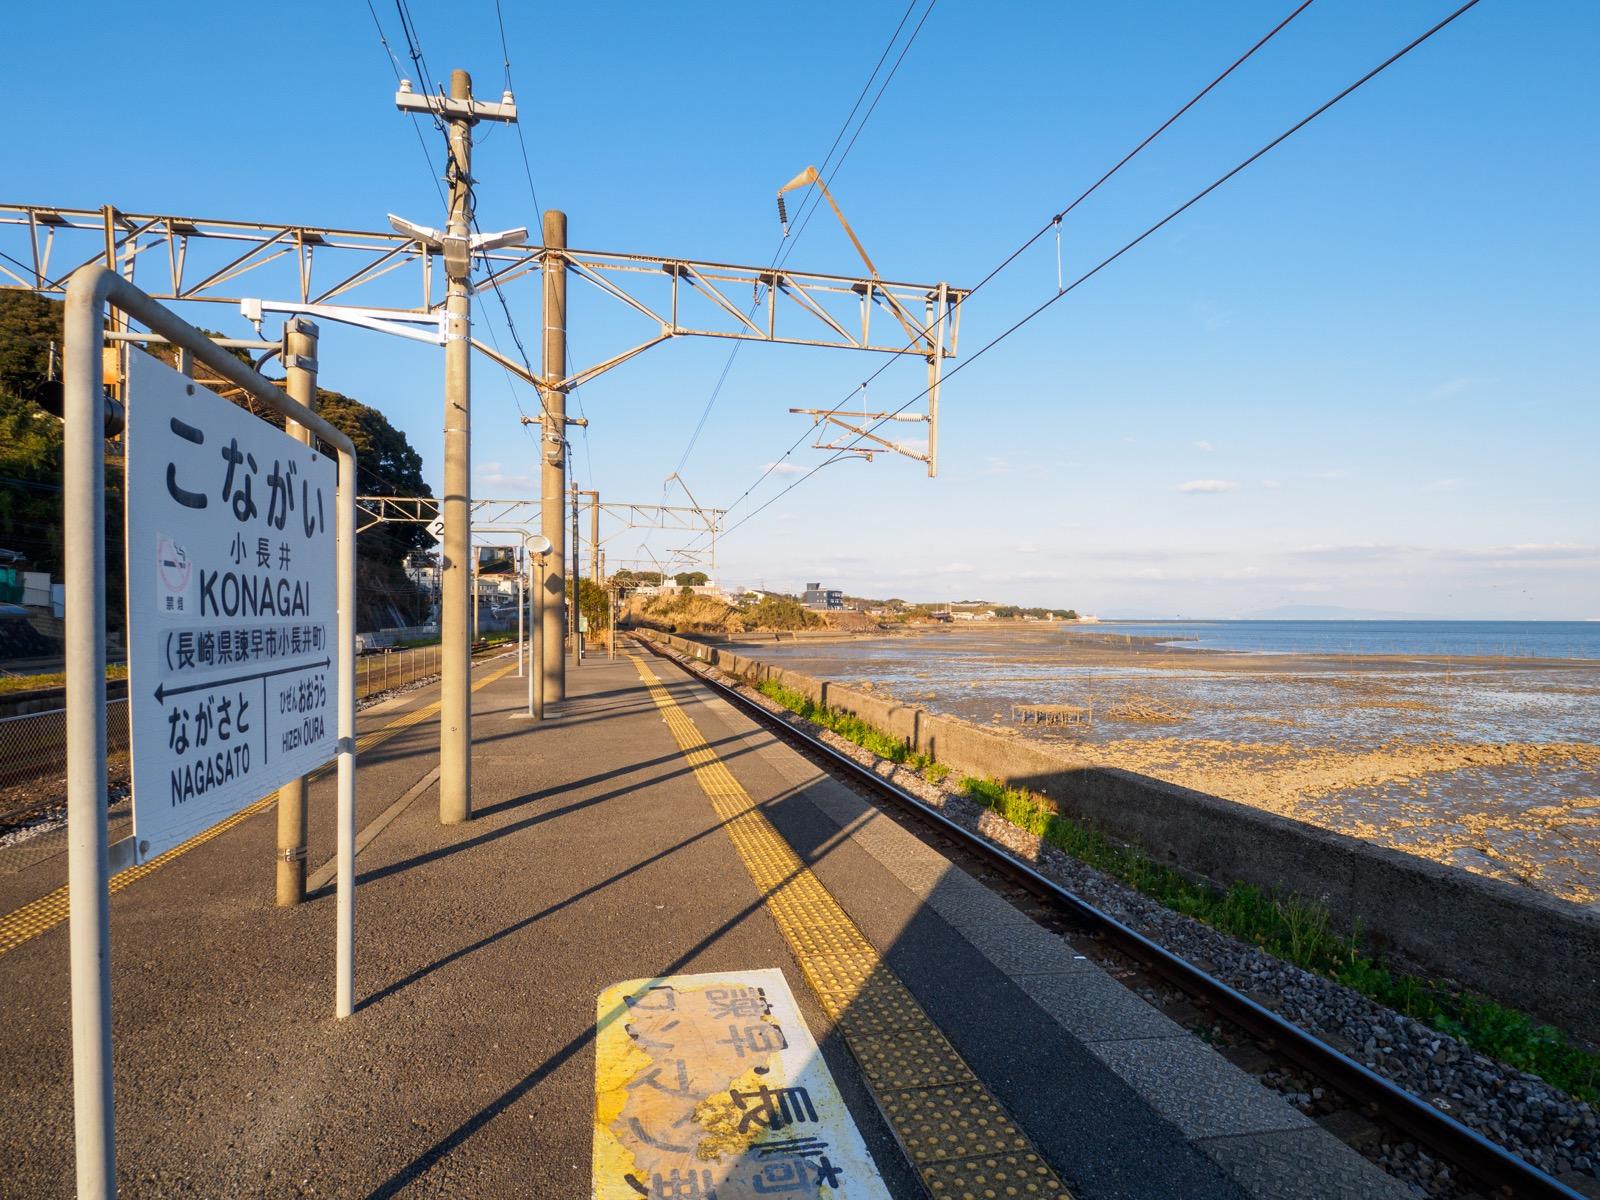 小長井駅のホームと諫早湾